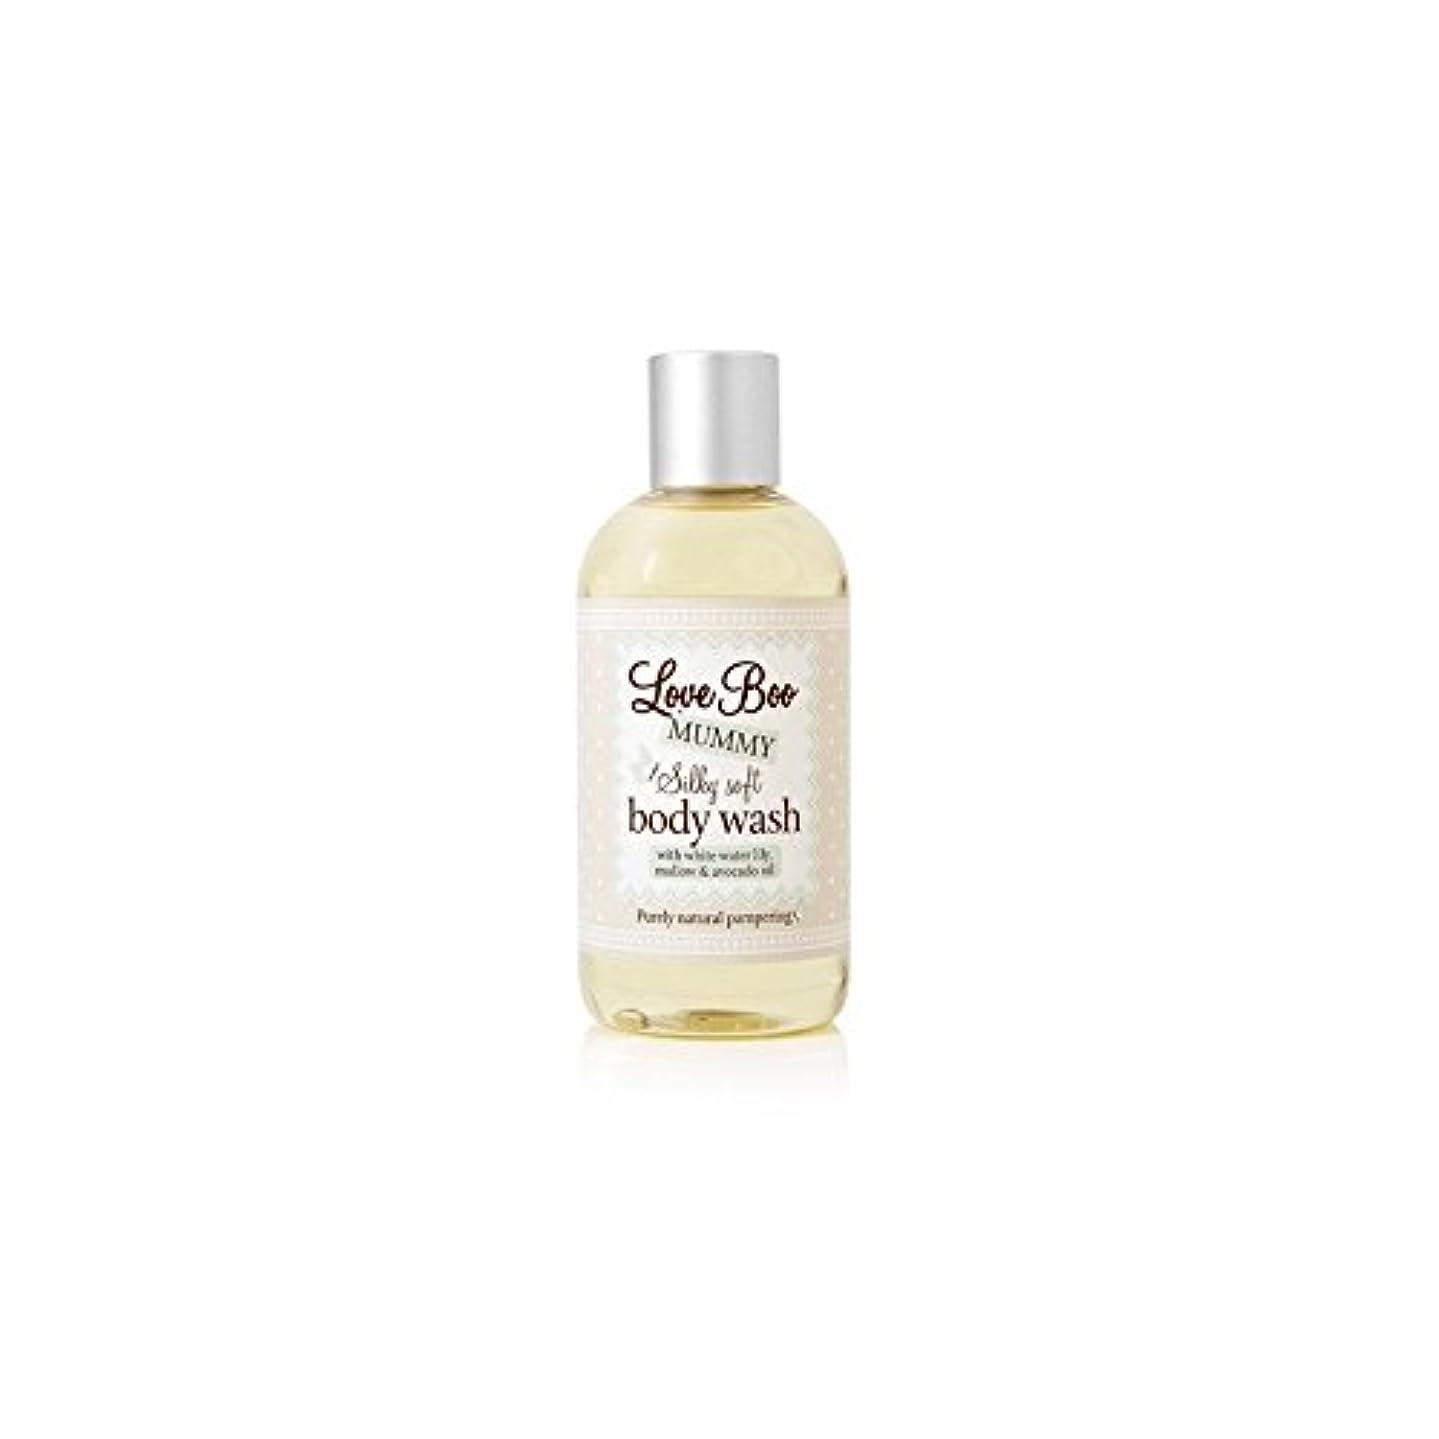 仲介者有毒ヒールLove Boo Silky Soft Body Wash (250ml) (Pack of 6) - 絹のようなソフトボディウォッシュ(250ミリリットル)愛 x6 [並行輸入品]